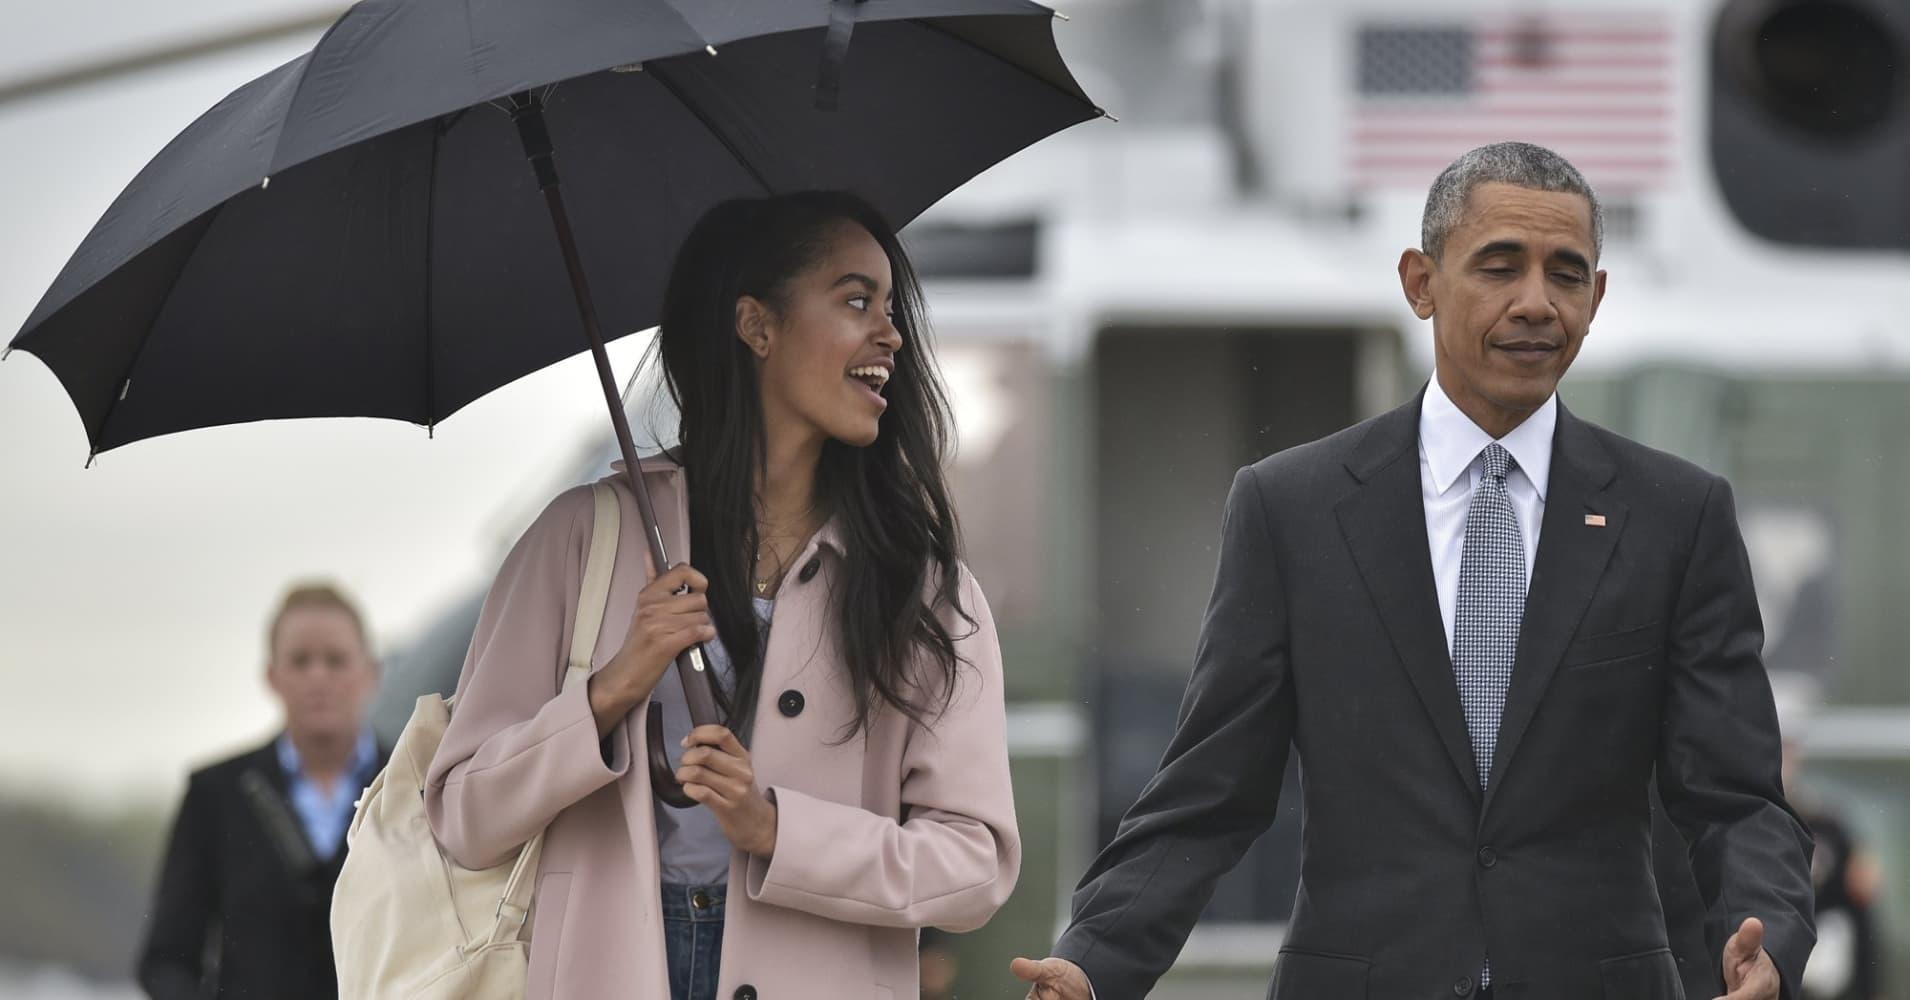 Malia Obama and President Barack Obama